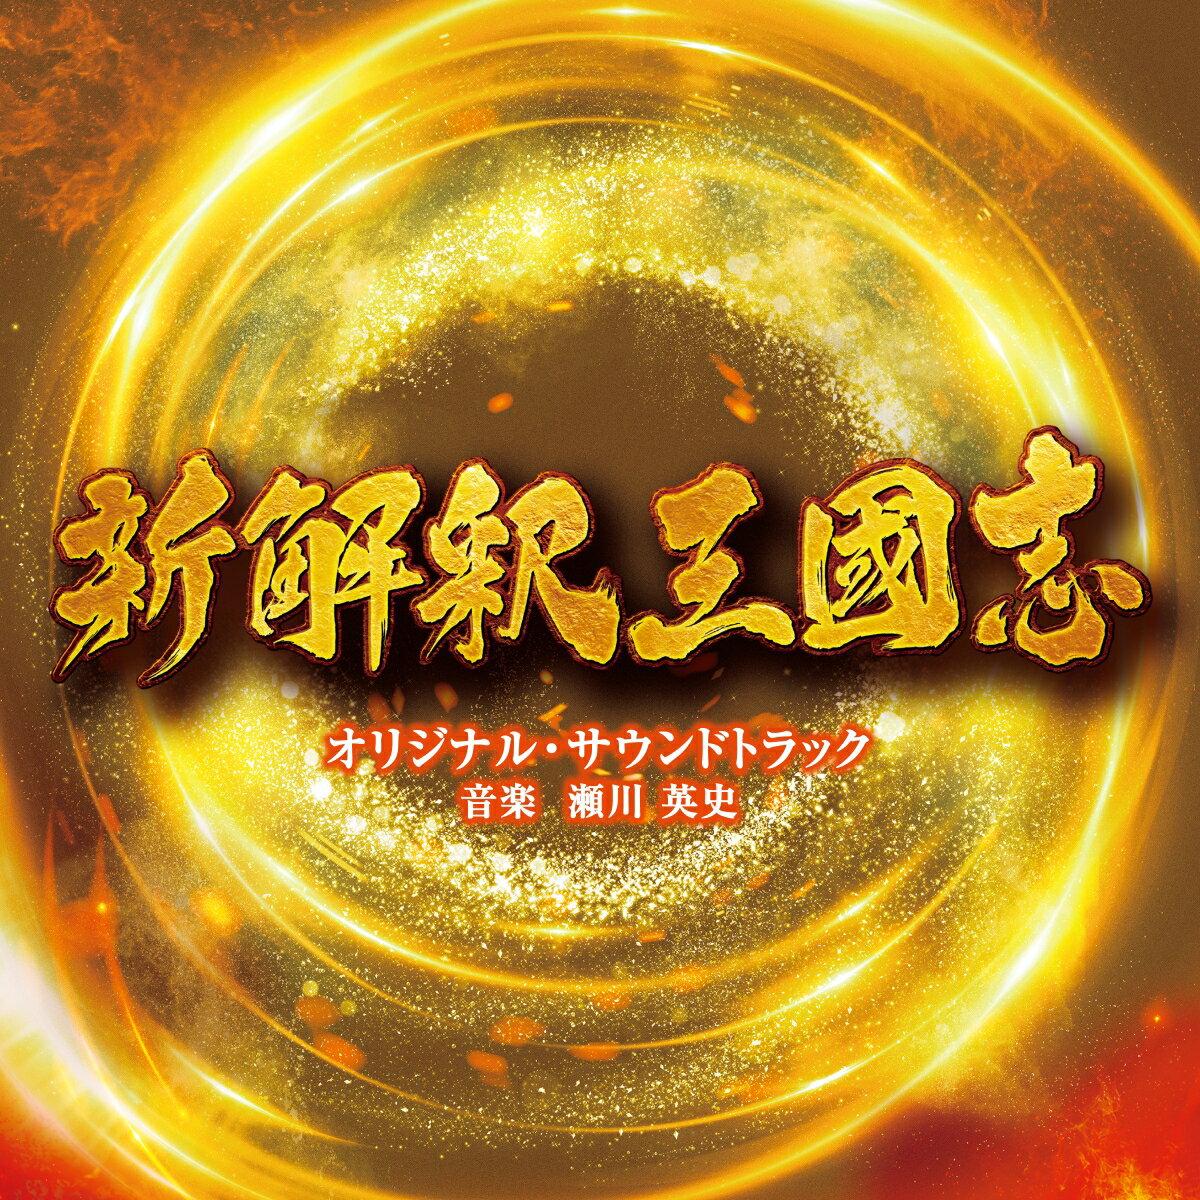 映画「新解釈・三國志」オリジナル・サウンドトラック画像